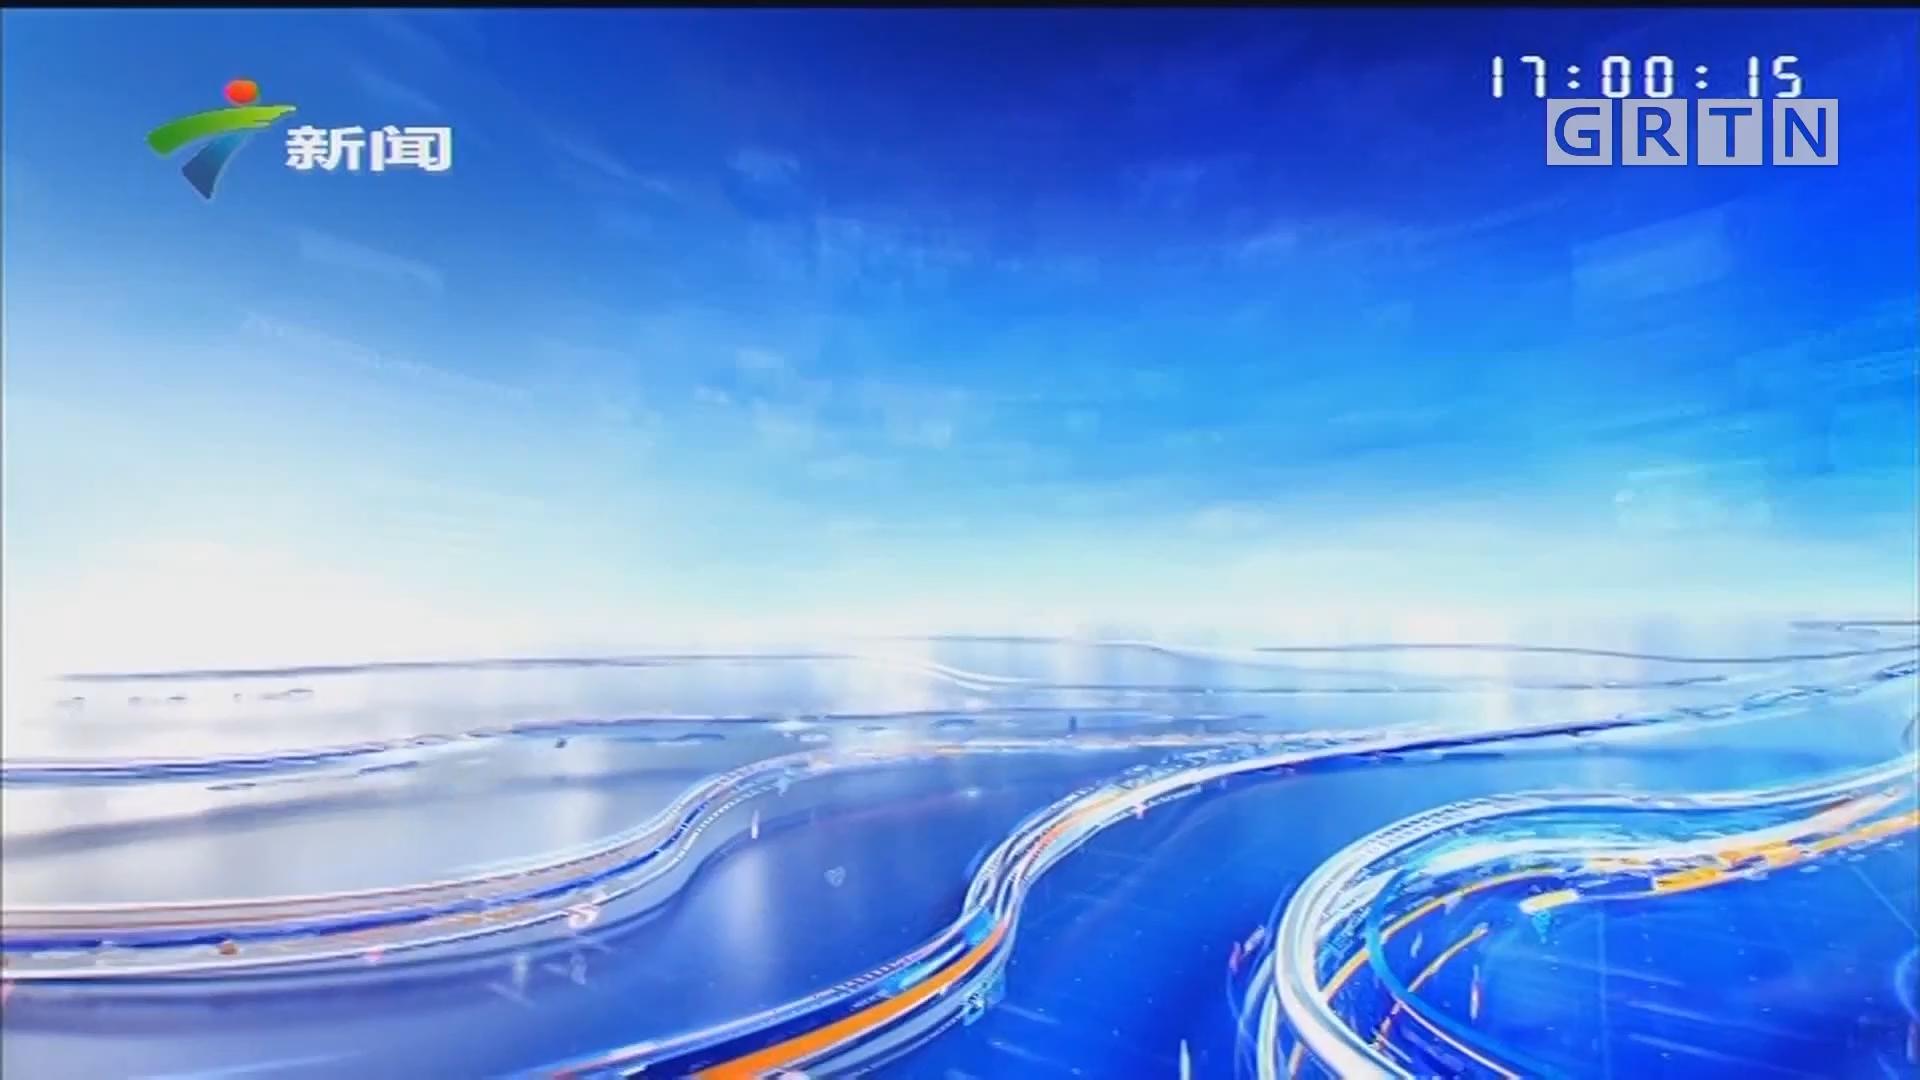 [HD][2019-06-09]直播广东:深圳龙岗:一快递仓库发火灾 16小时仍未完全扑灭